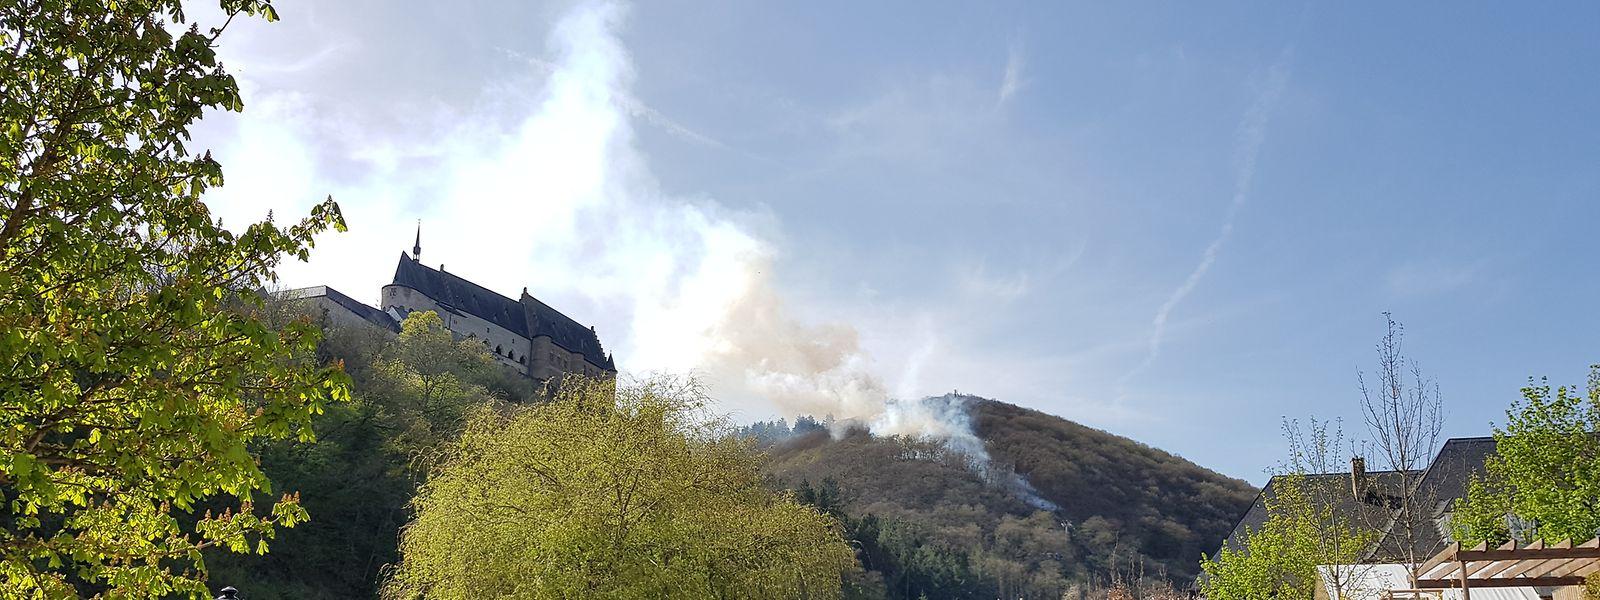 Etwa 70 Feuerwehrleute waren beim Waldbrand in Vianden im Einsatz.